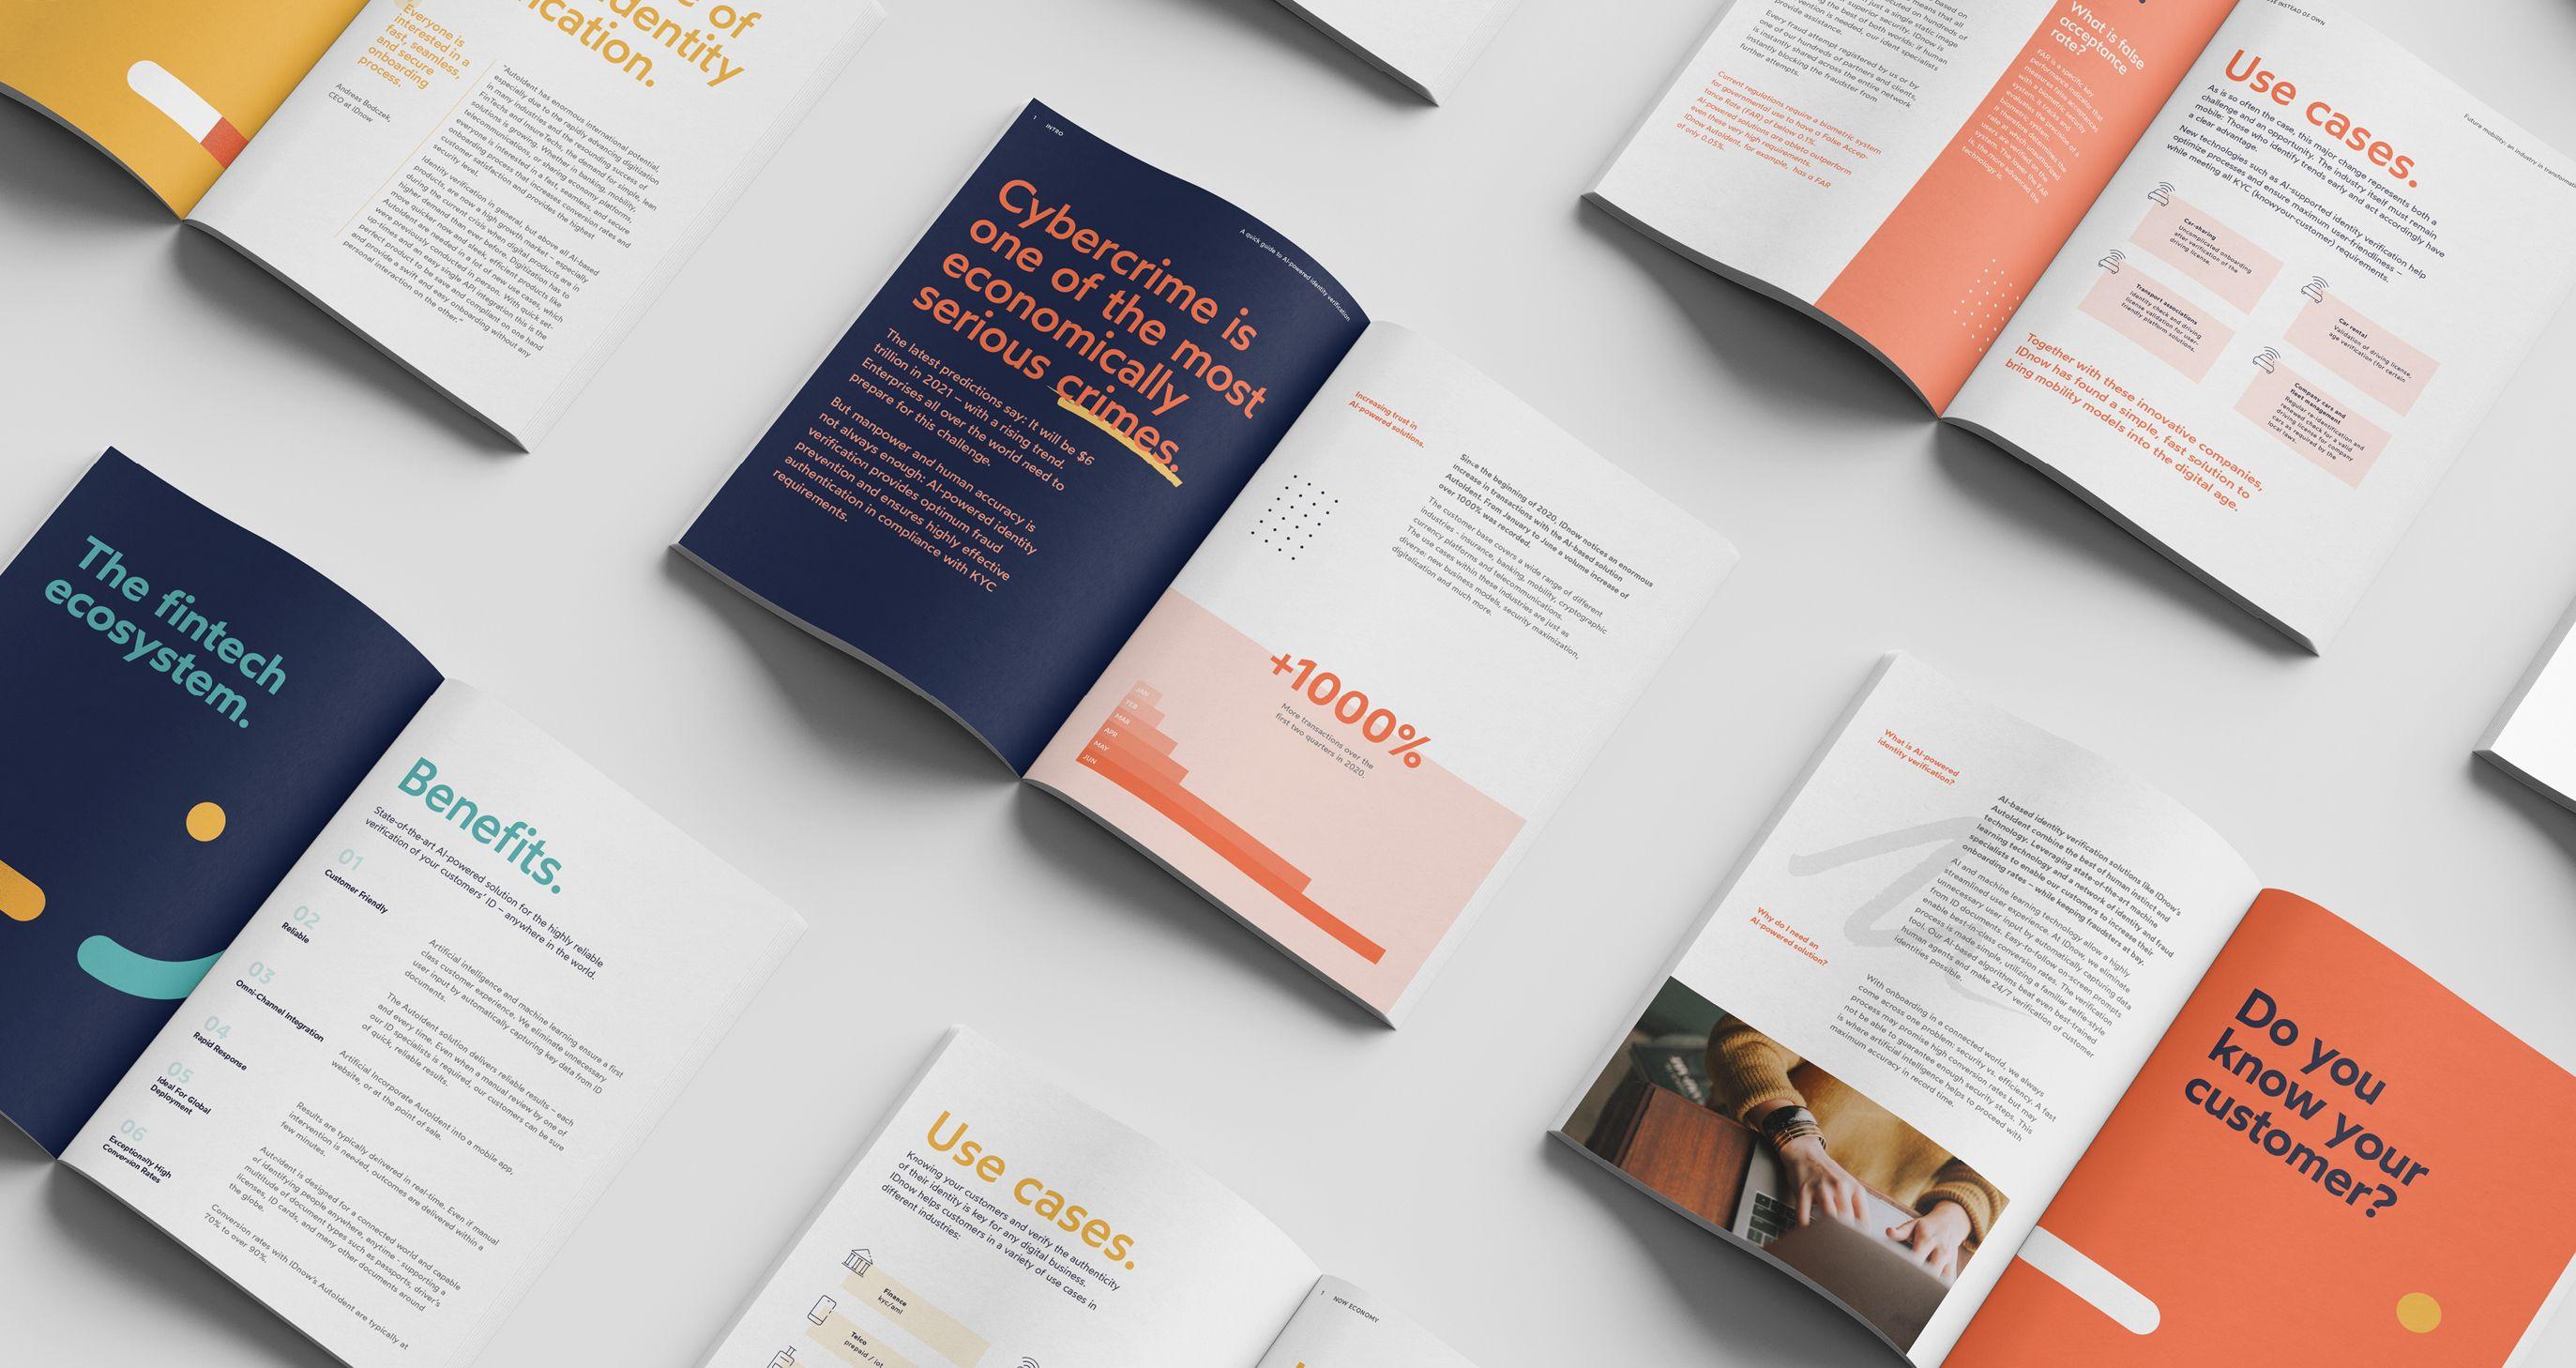 IDnow brochures